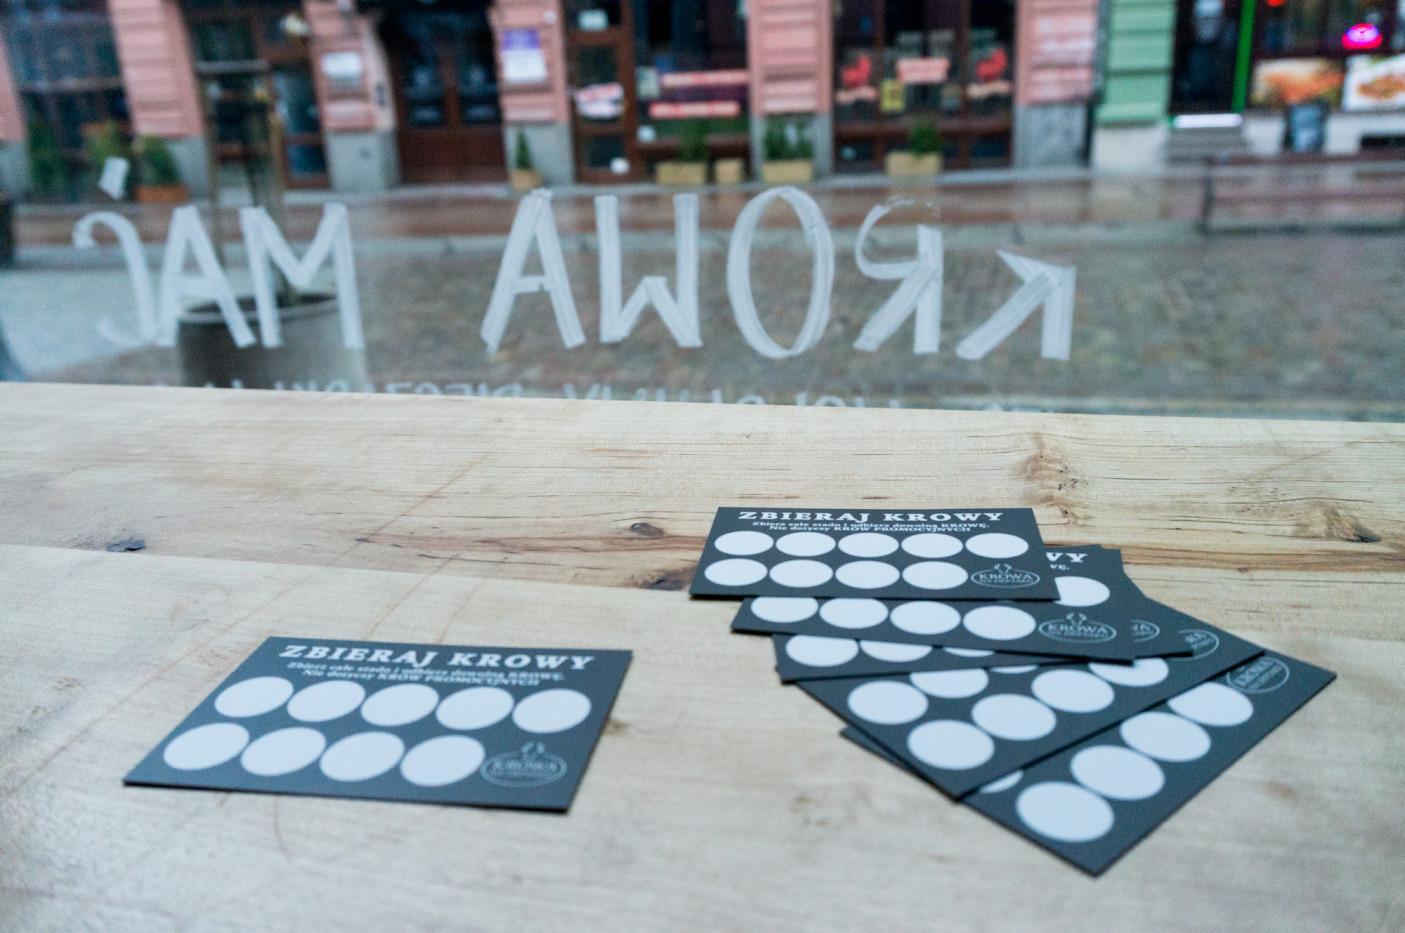 Będąc przy kasie warto podbić kartę. Każdy burger to jedna pieczątka. Gdy zbierzemy 9, możemy wymienić kartę na burgera.